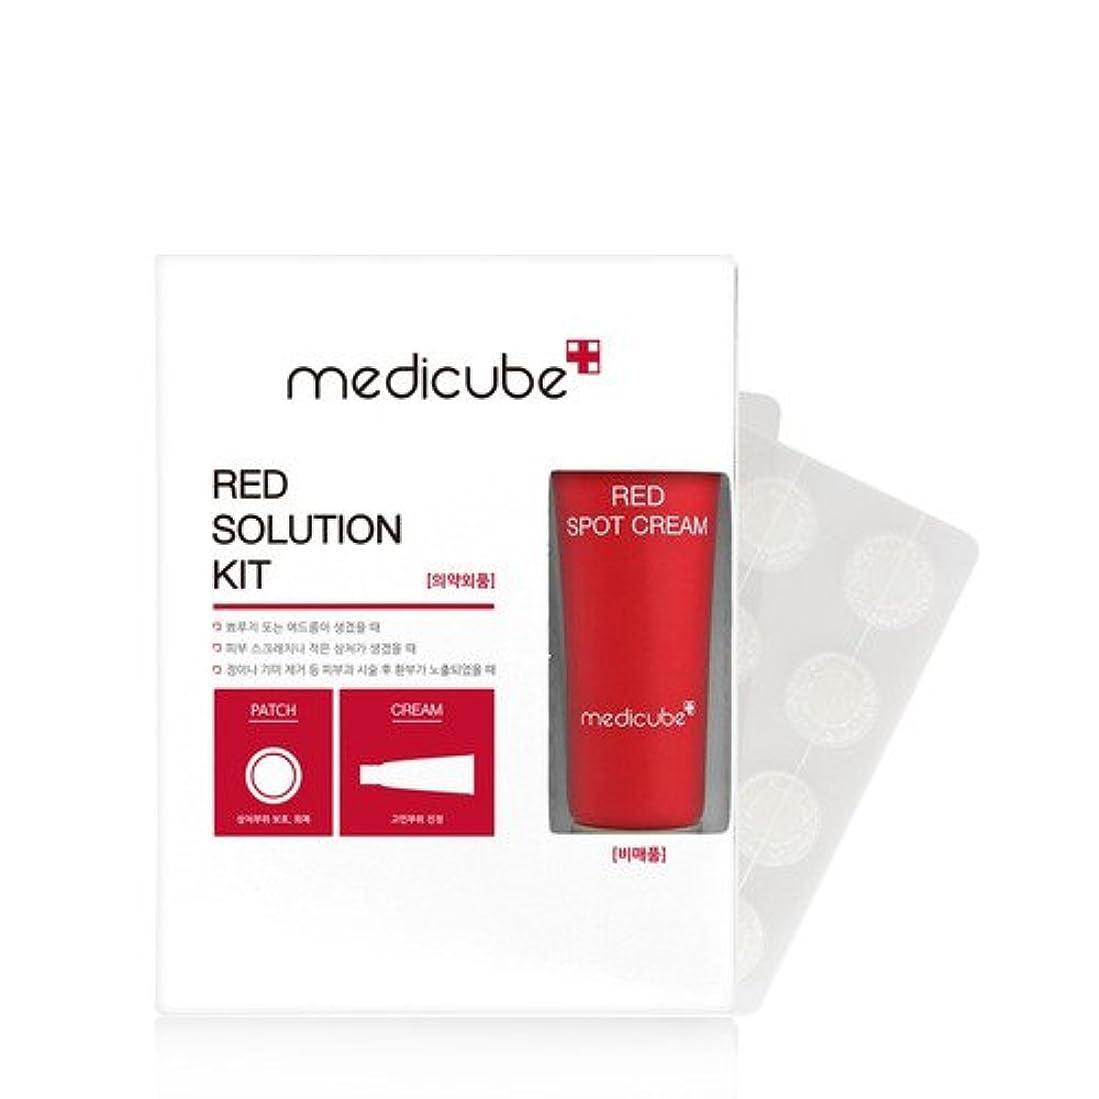 ふりをする歴史的南方の[Medicube]Red Solution Kit(Clear spot patch) 12mm x 2 / メディキューブレッドソリューションキット 12mm x 24pcs / 正品?海外直送商品 [並行輸入品]